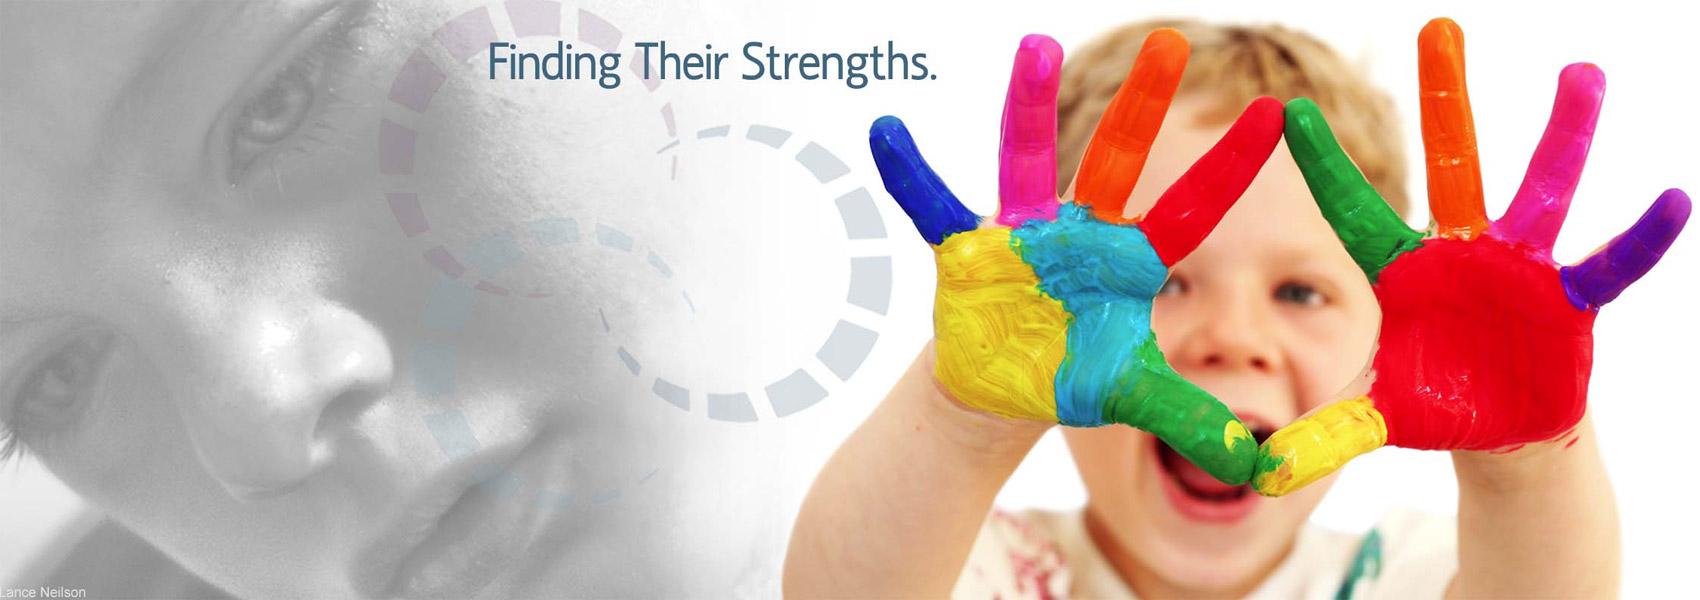 Helping children find their strengths